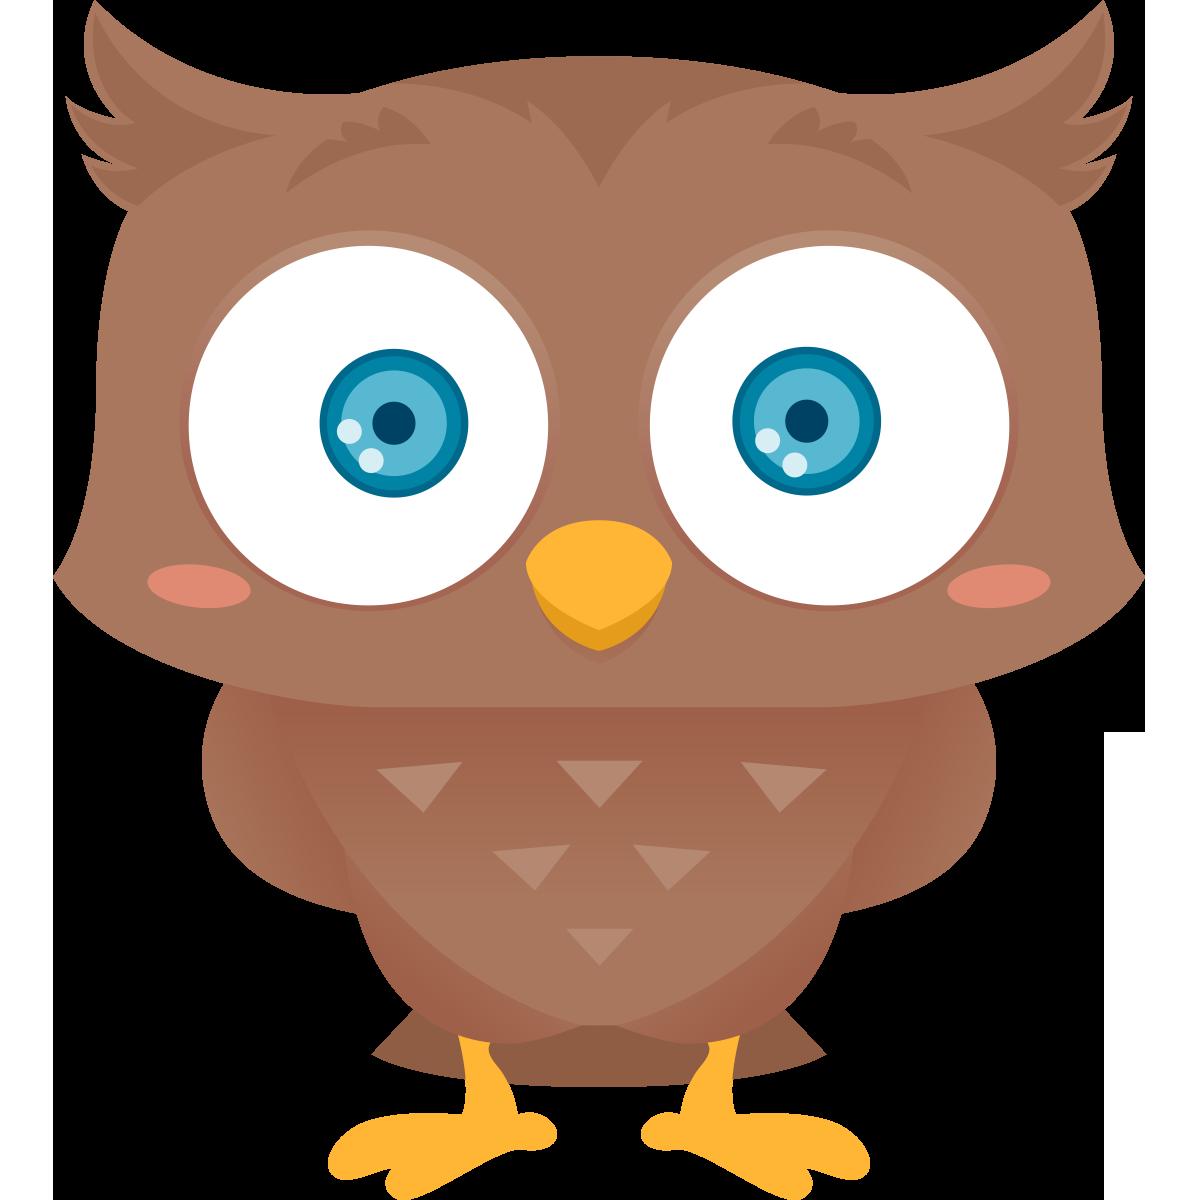 Owl Faces Clip Art - ClipArt Best